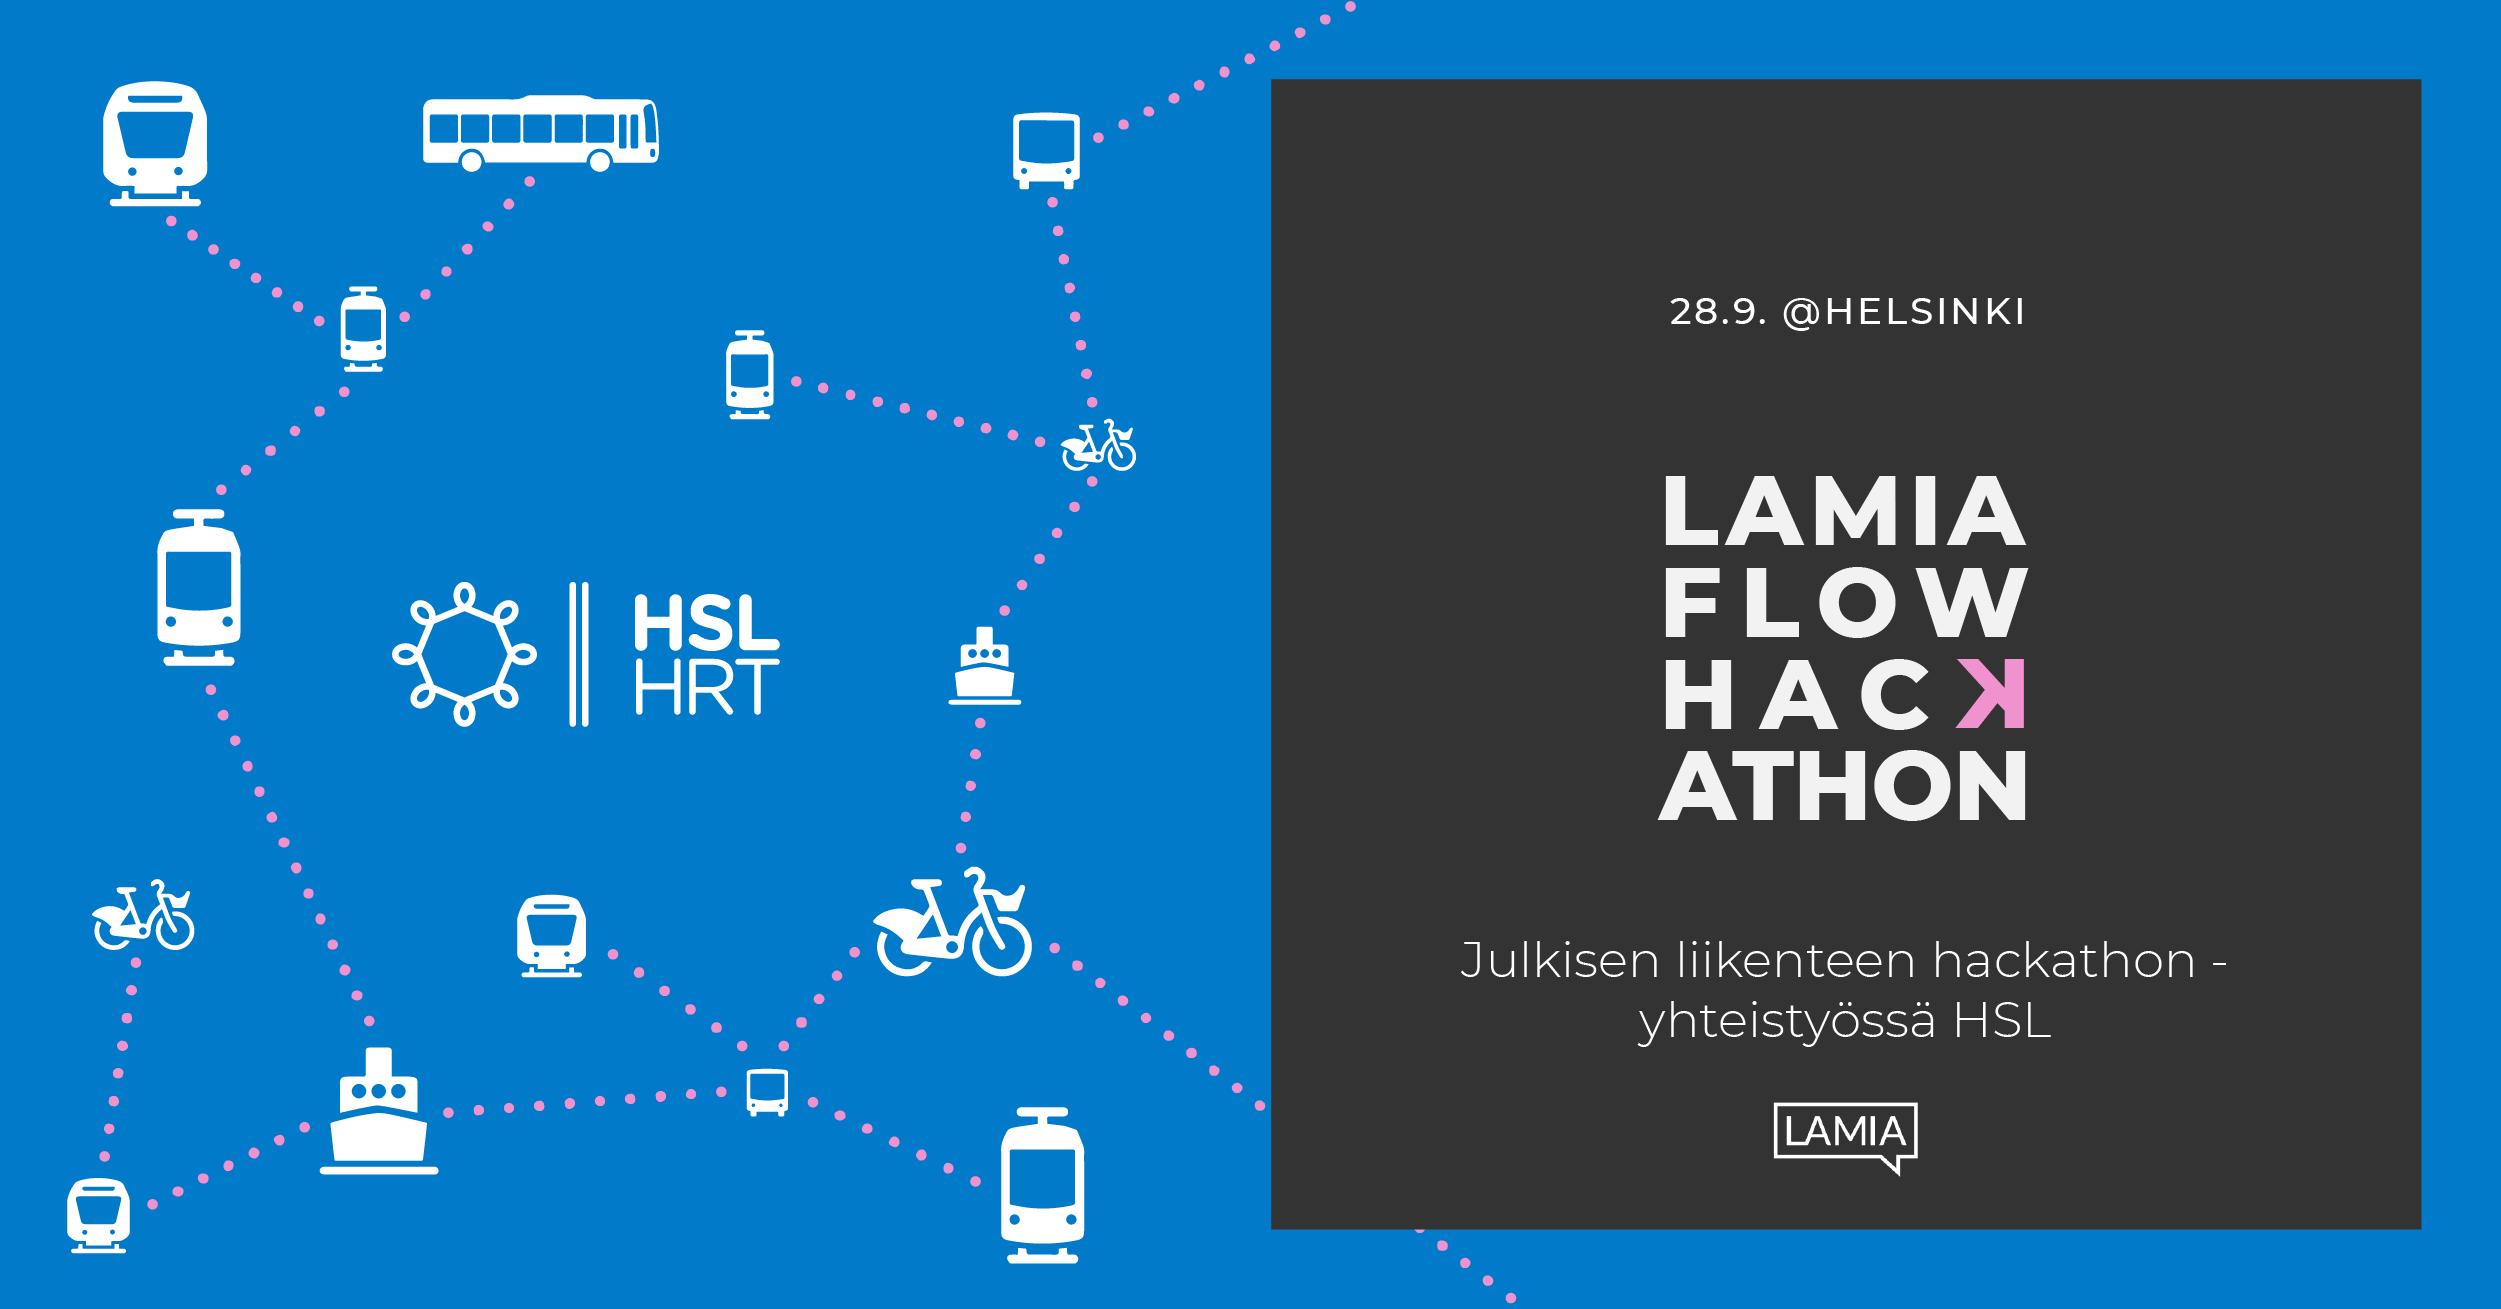 Lamia Flow hackathon 28.9. - yhteistyössä HSL